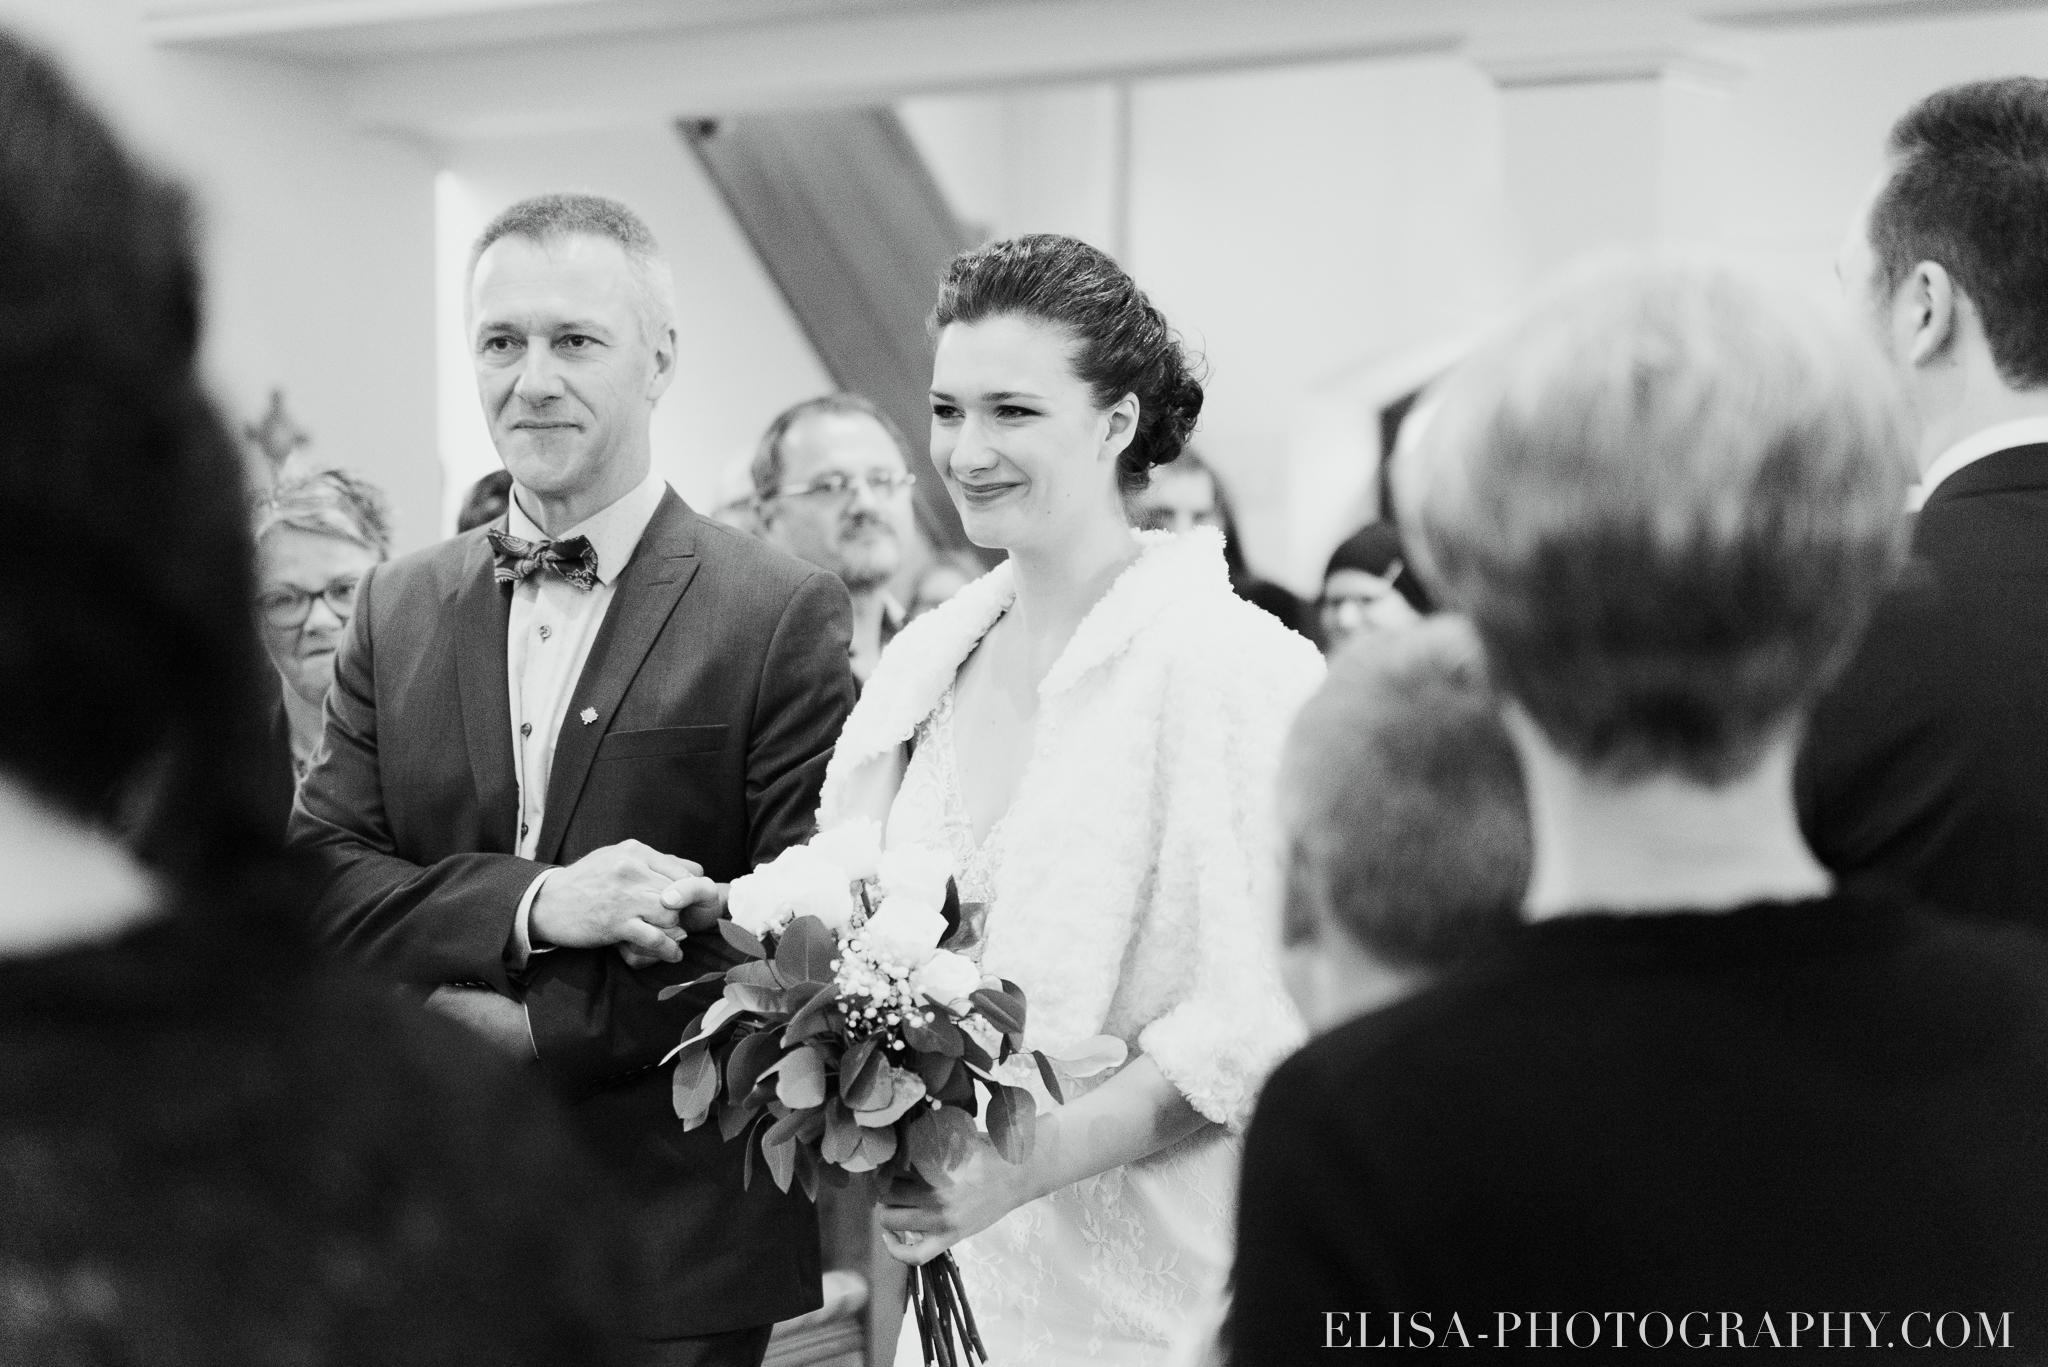 photo mariage ville quebec automne ceremonie eglise de cap rouge 7367 - Mariage au Golf de Cap-Rouge, ville de Québec: Stéphanie & William